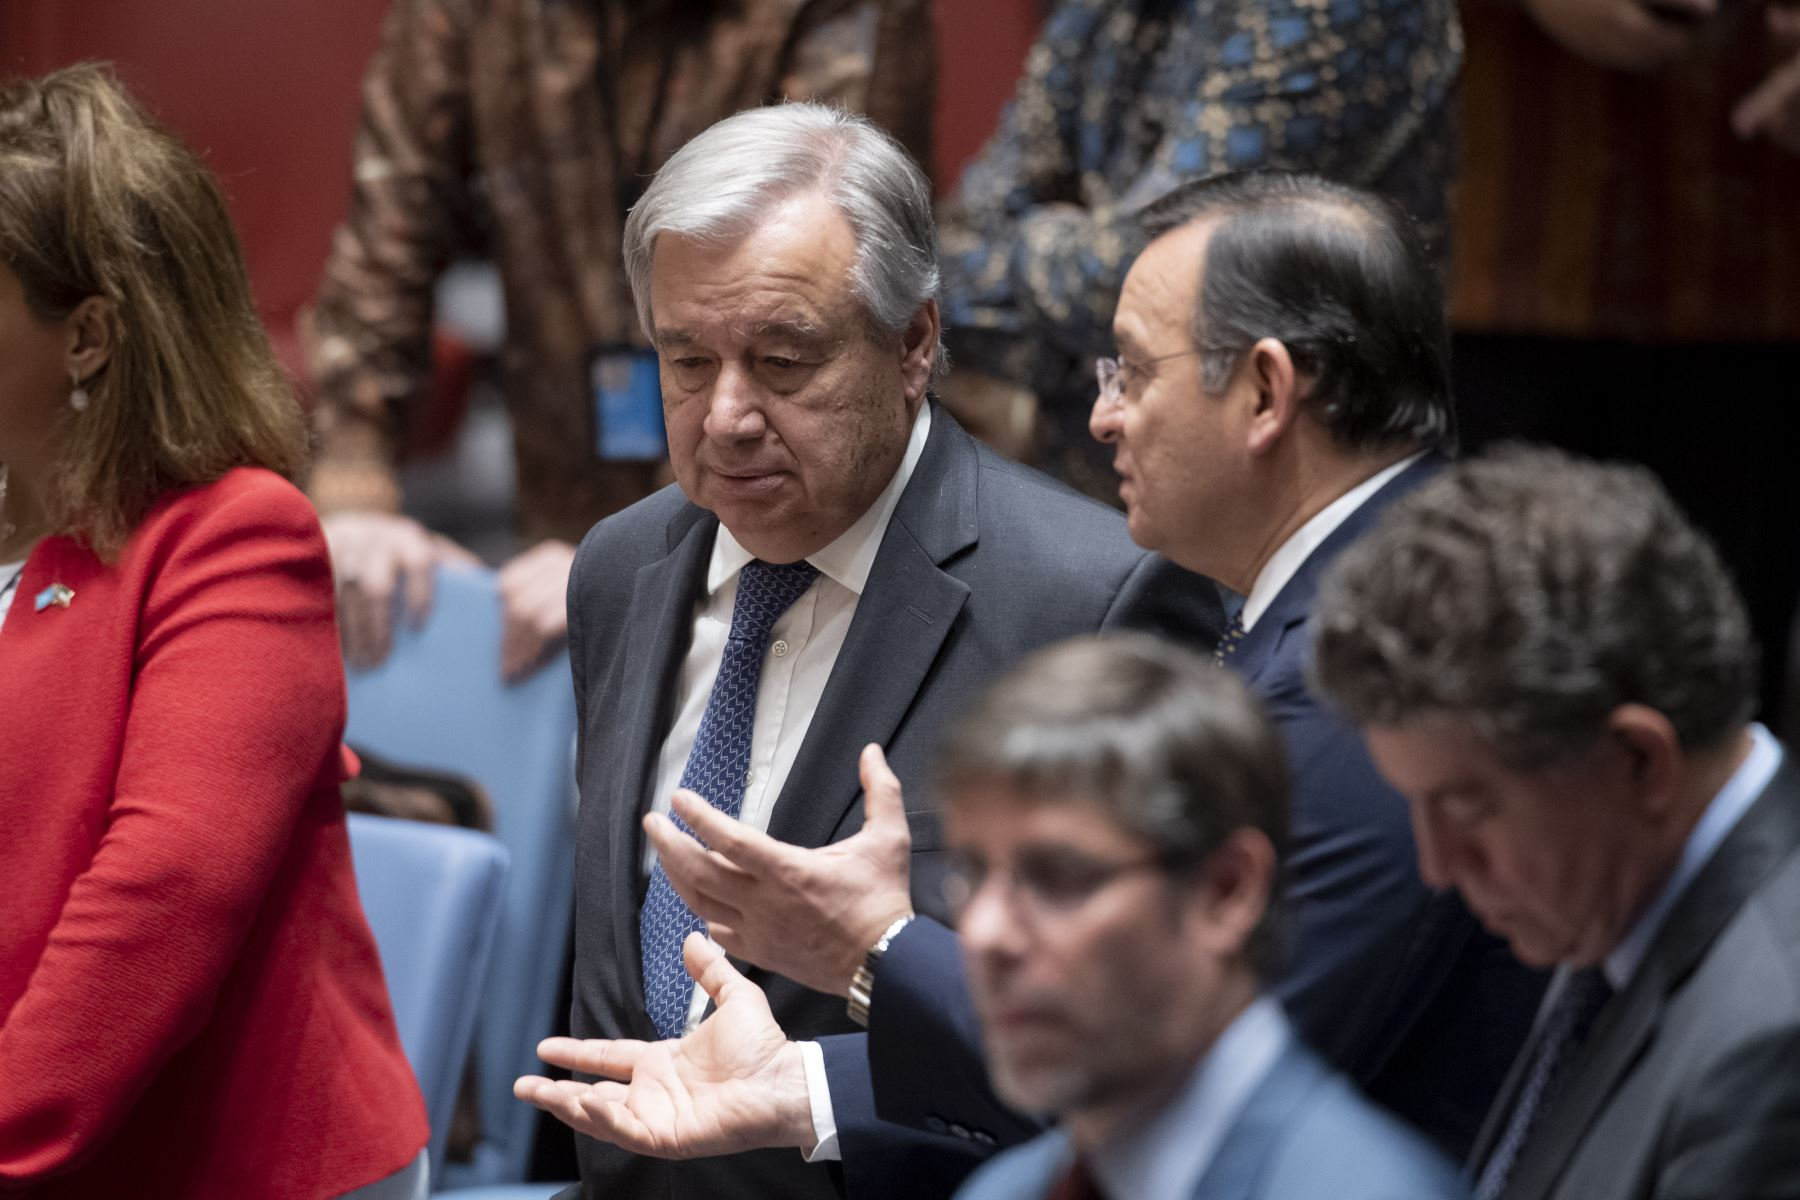 Canciller Nestor Popolizio presidió debate en el Consejo de Seguridad de la ONU.Foto:ANDINA/ONU